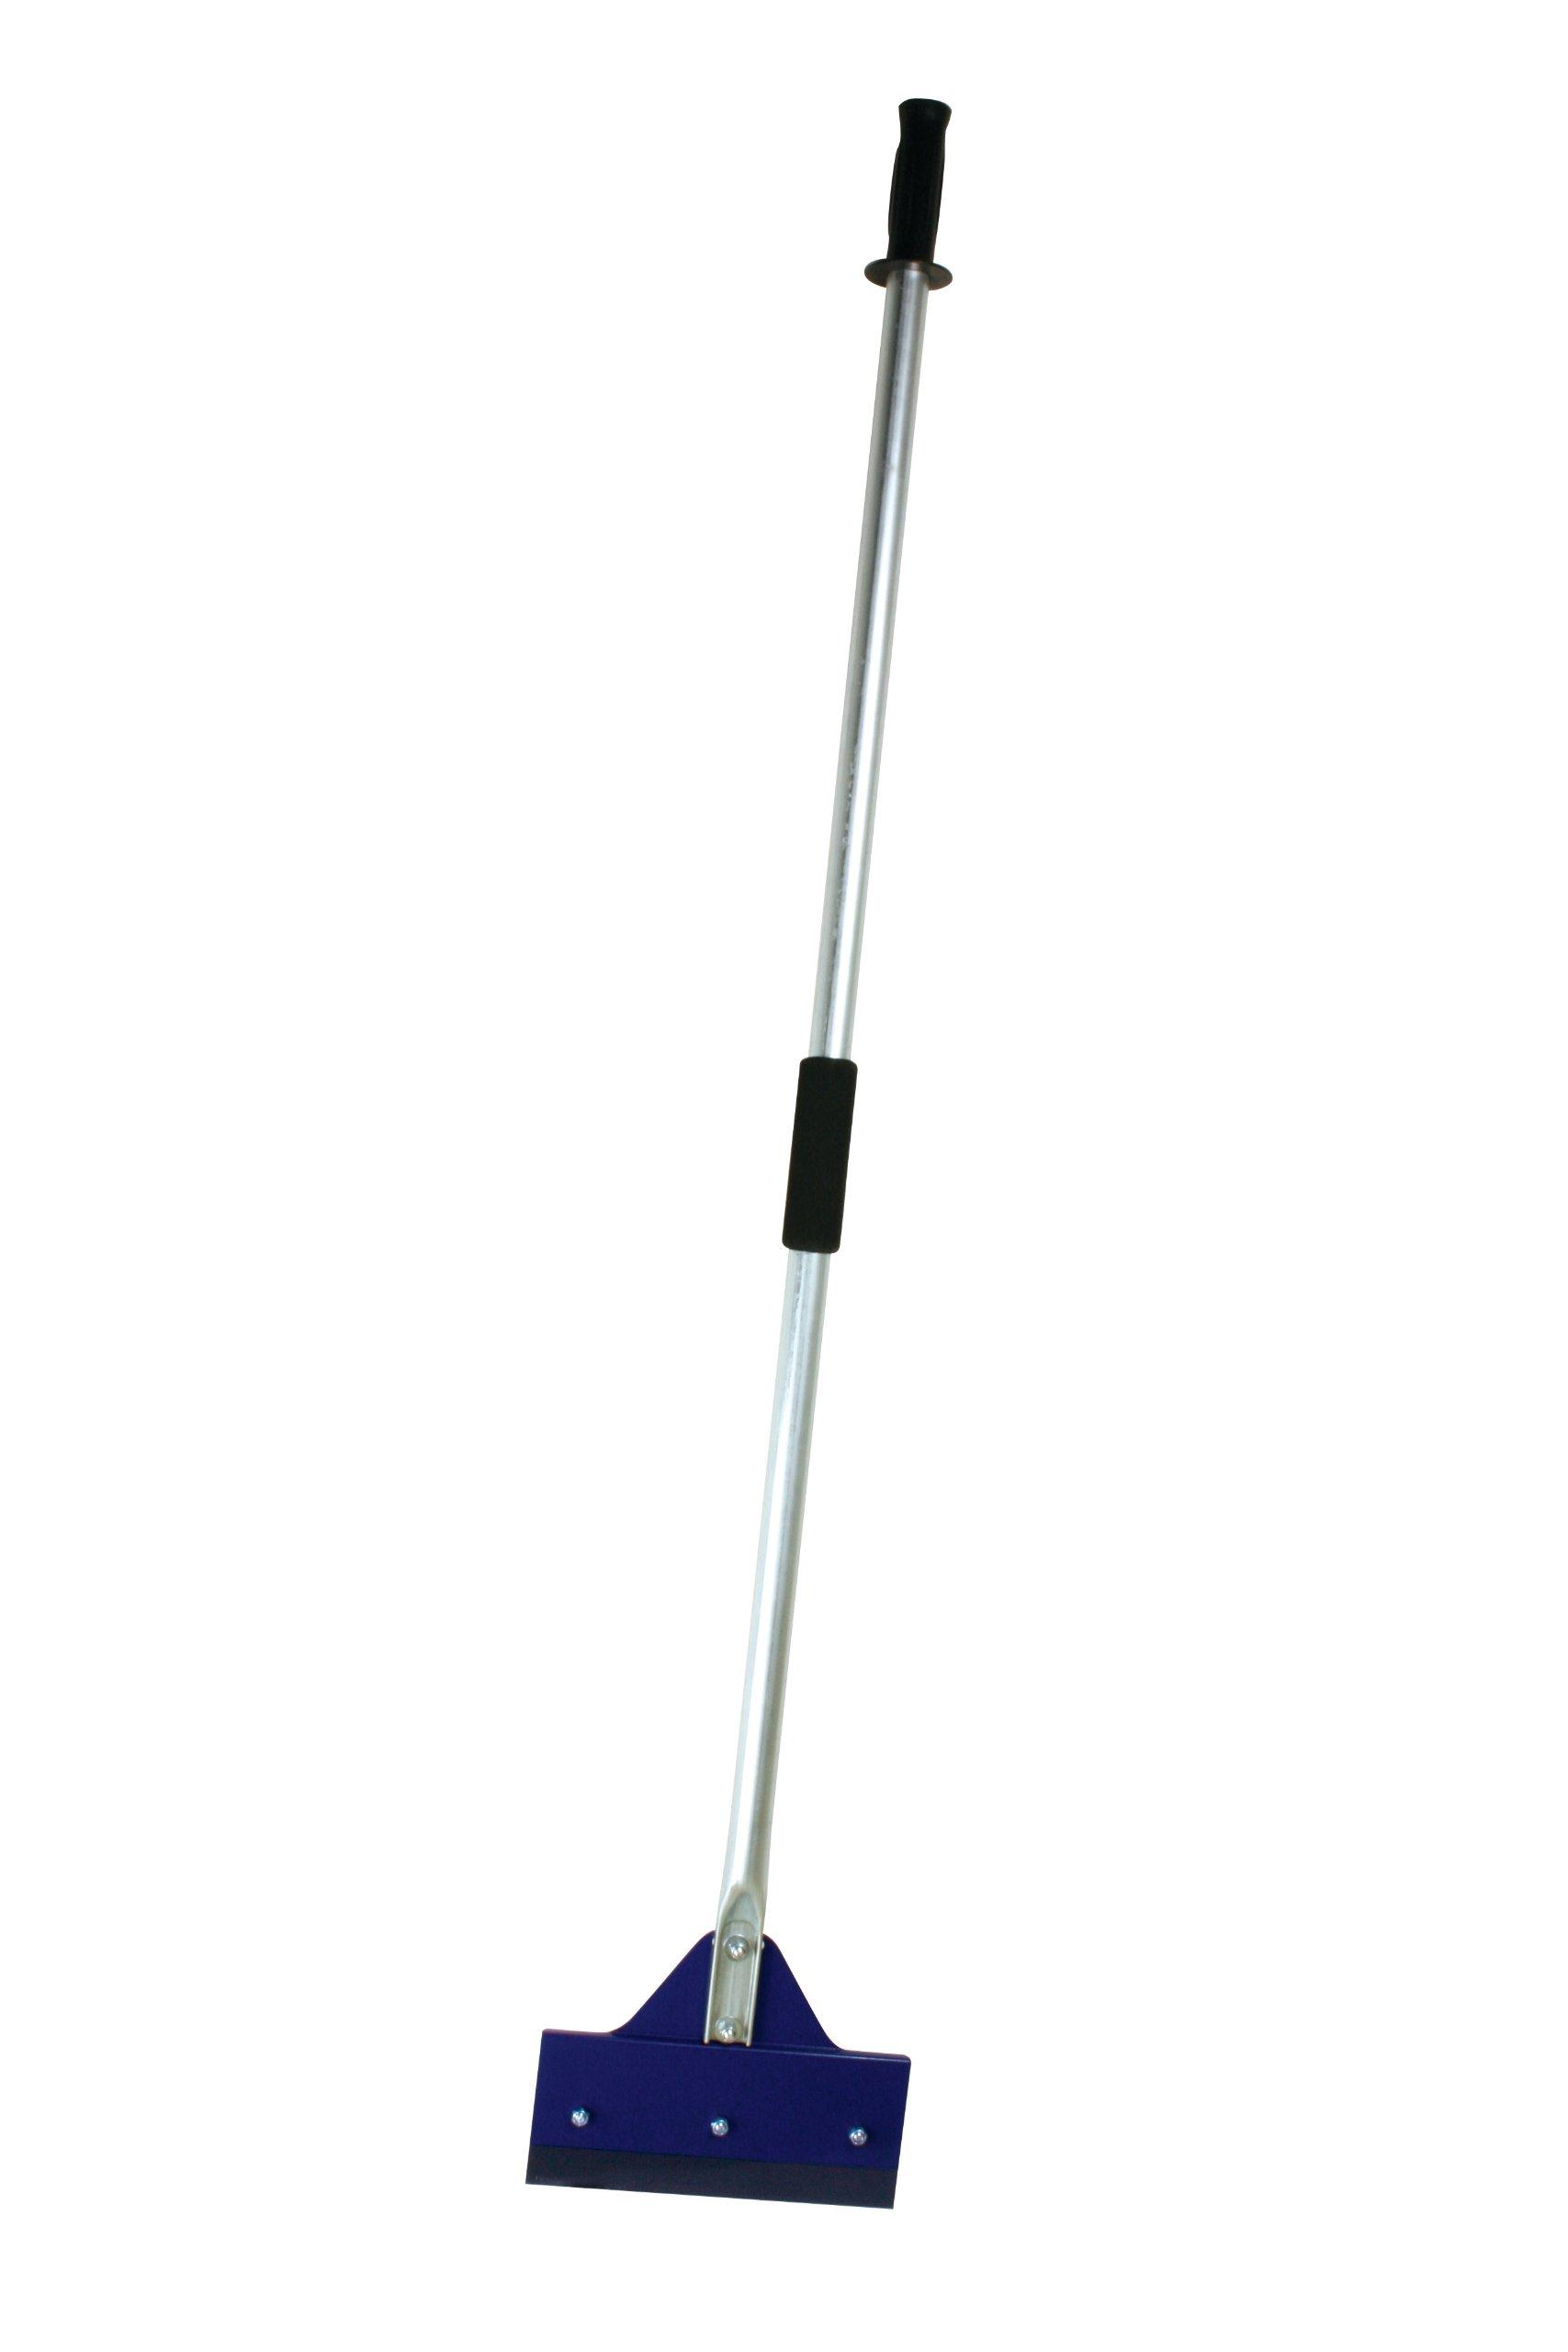 Warner 10'' Strip N Clean Heavy Duty Floor Scraper & Ground Blade, 10419